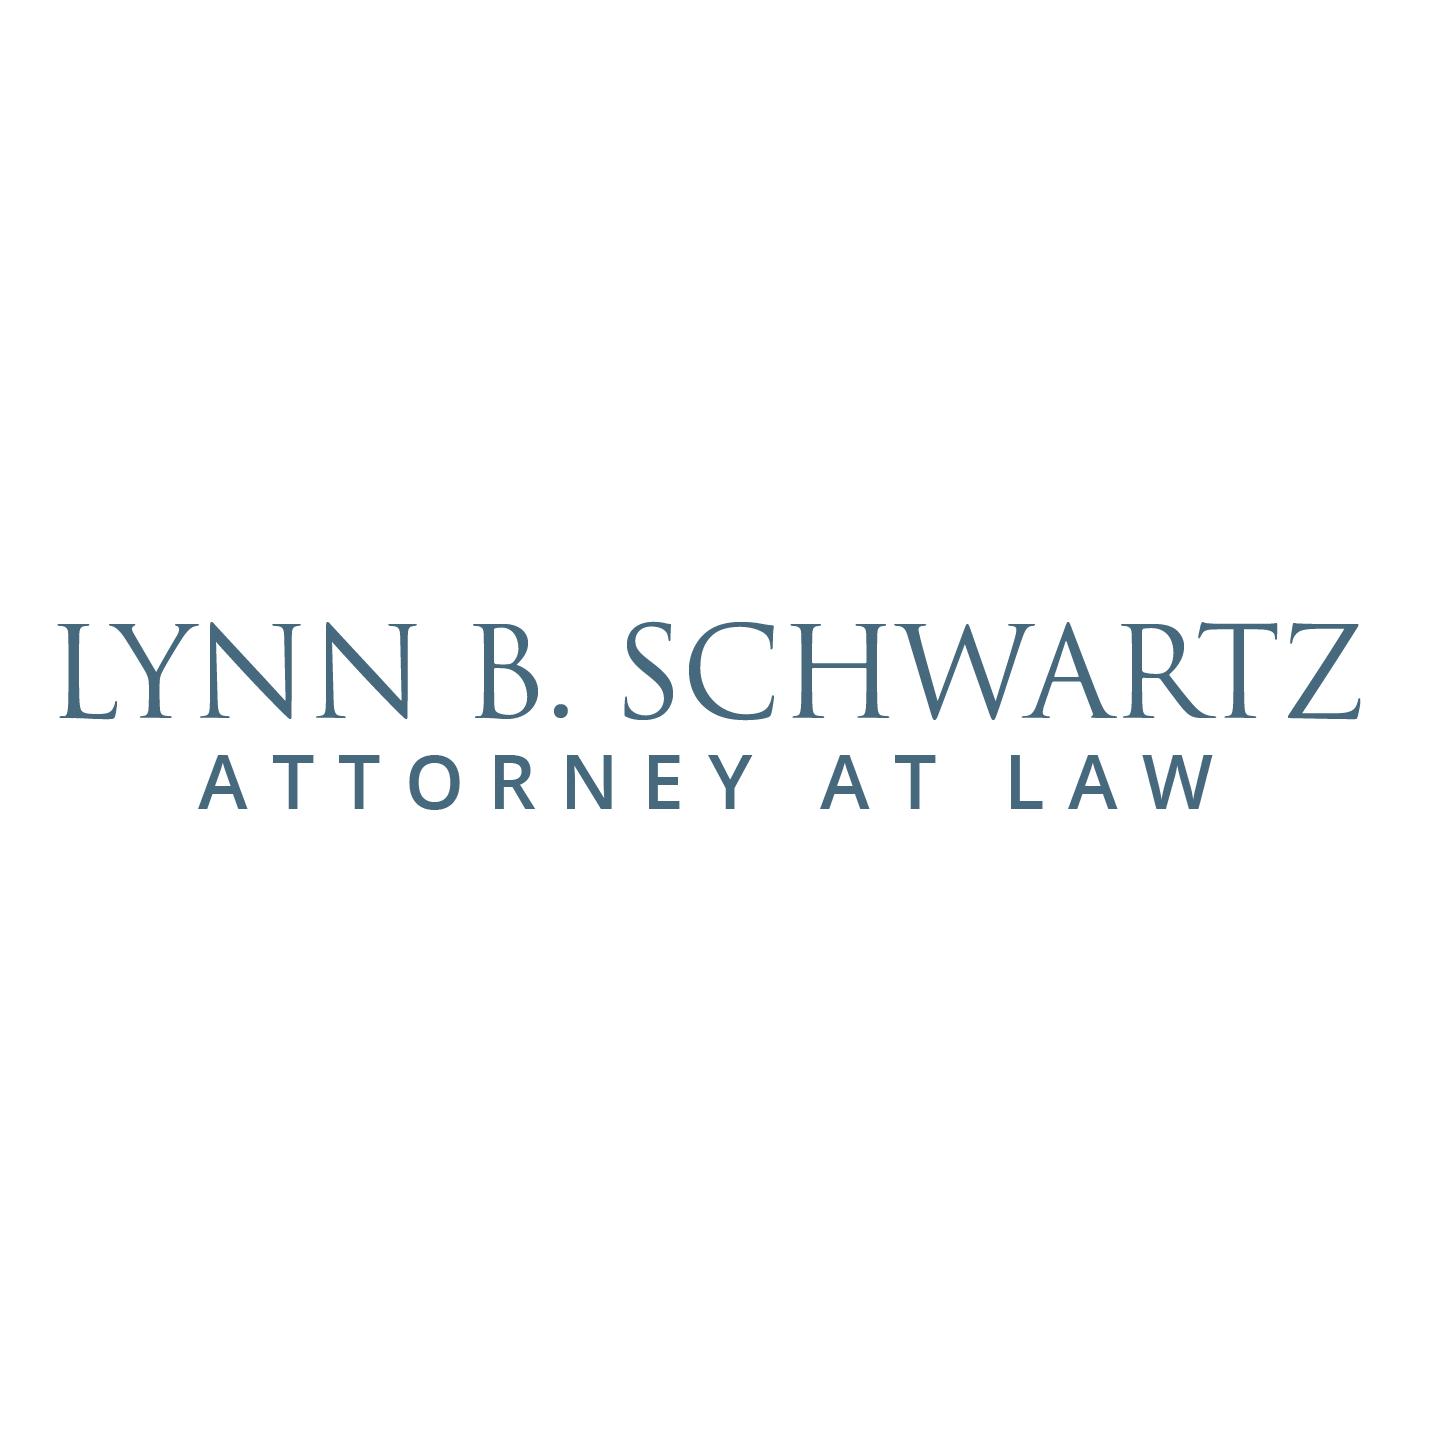 Lynn B. Schwartz Attorney At Law image 0